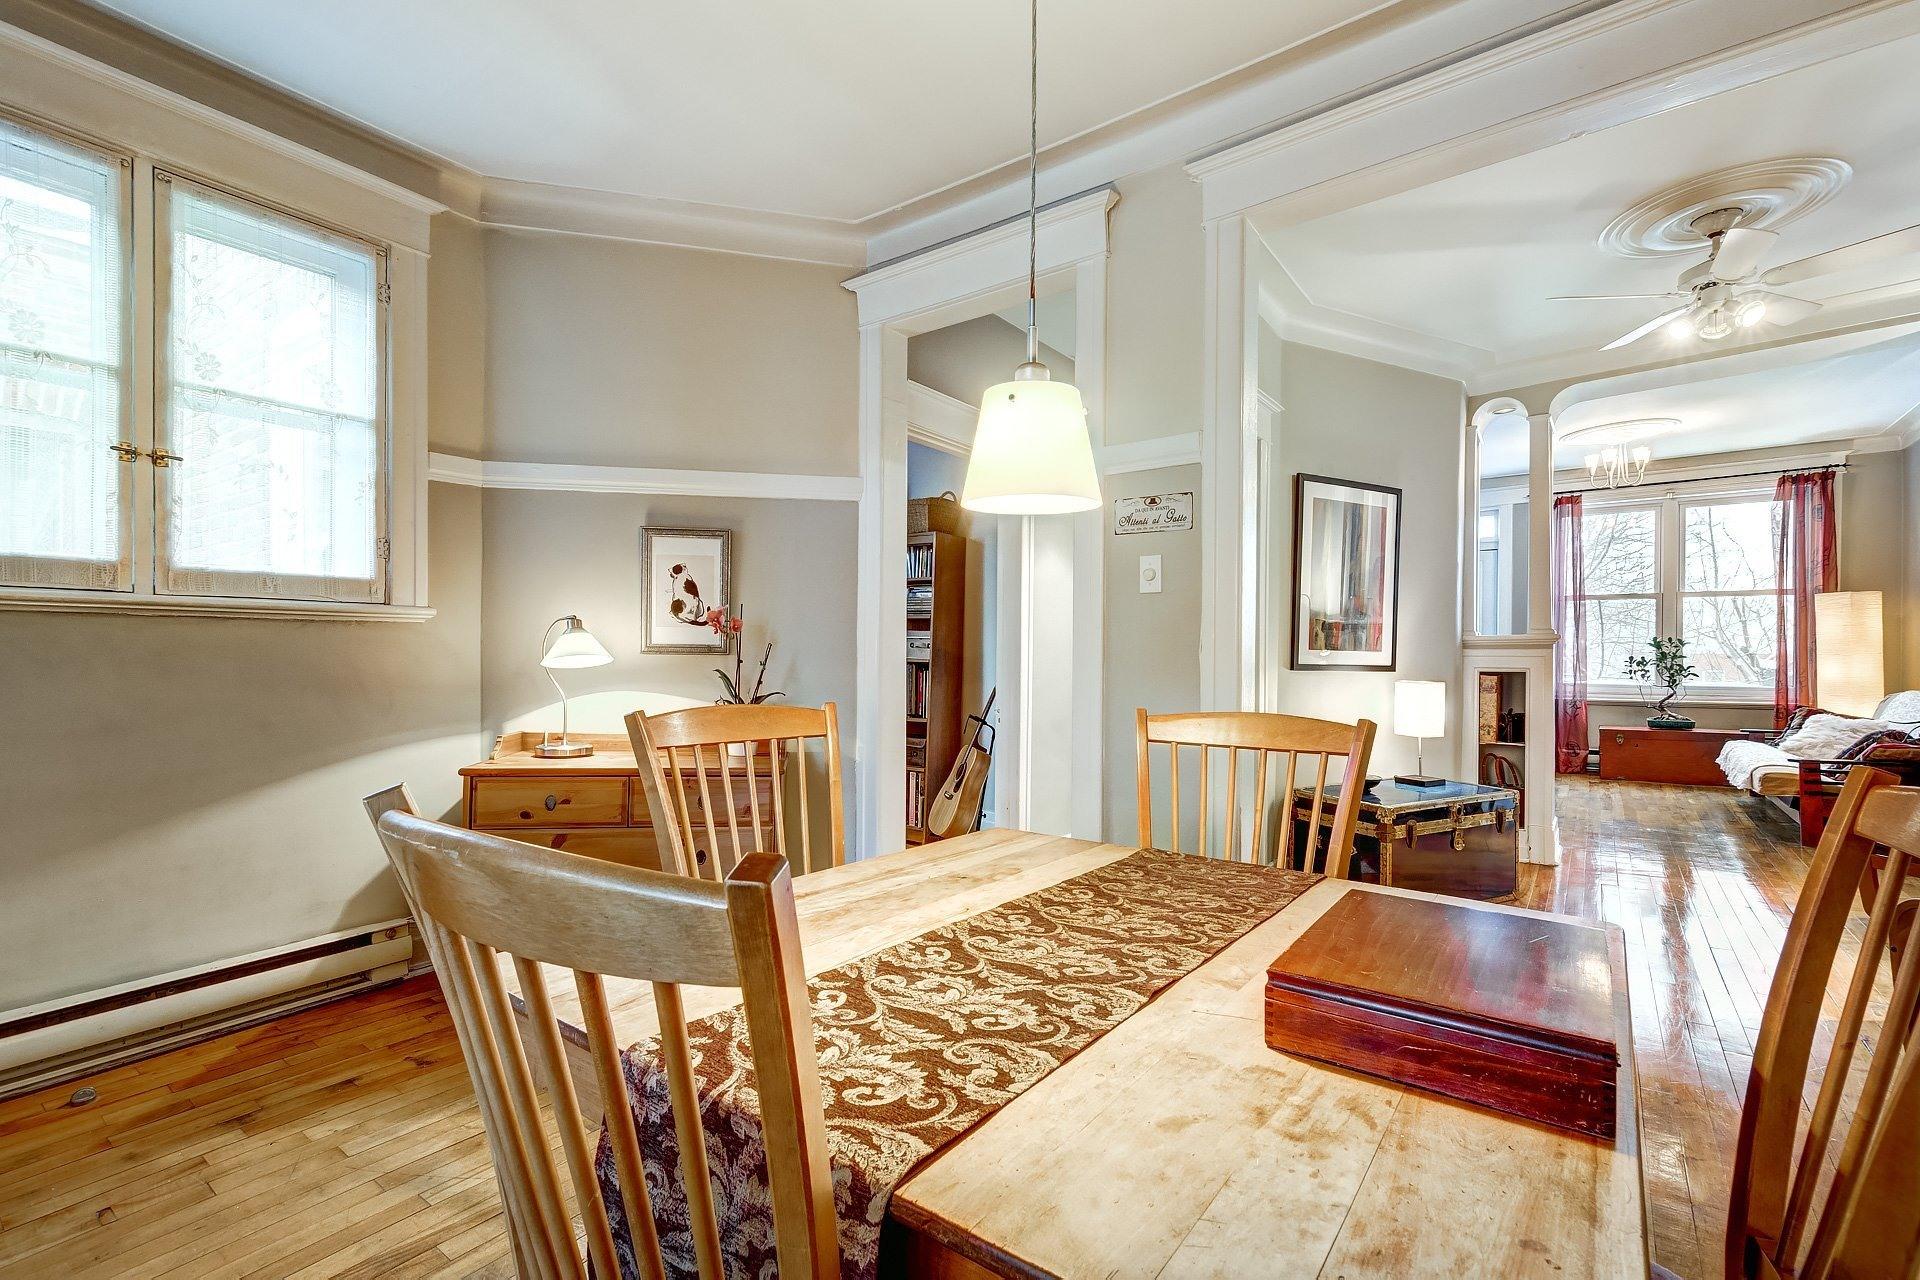 image 8 - Appartement À vendre Rosemont/La Petite-Patrie Montréal  - 7 pièces